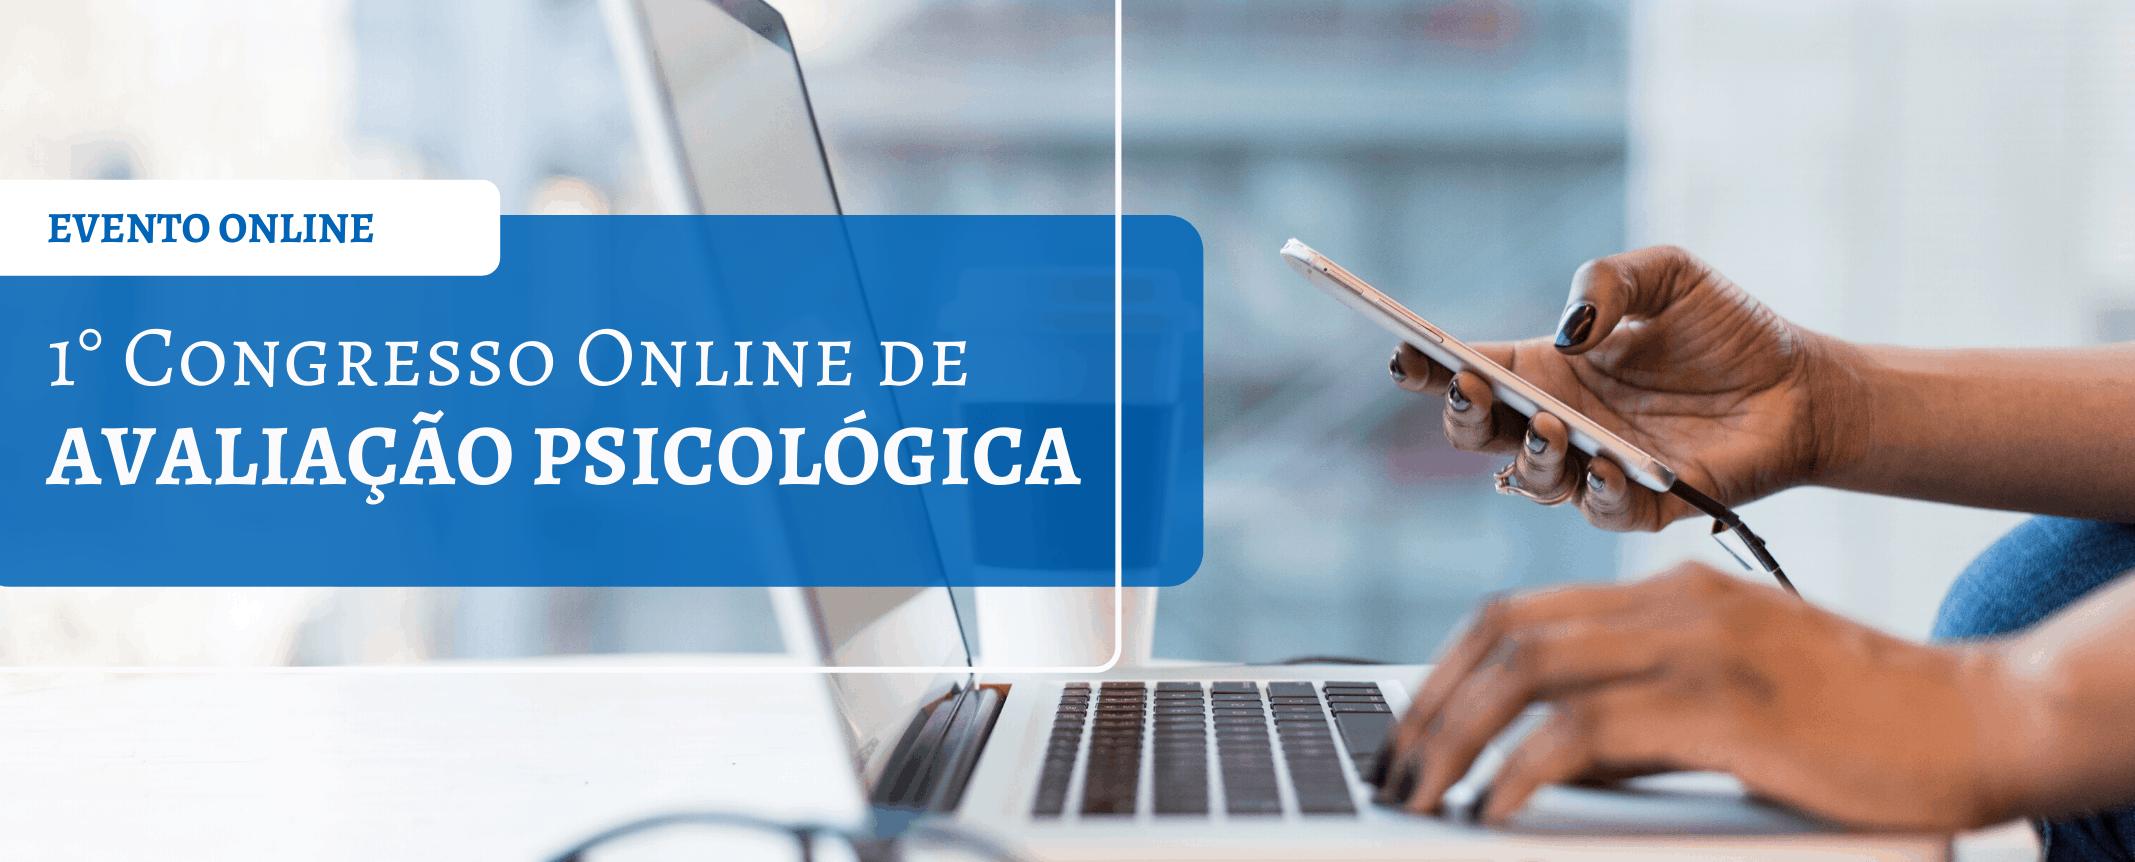 1 Congresso Online de Avaliação Psicológica